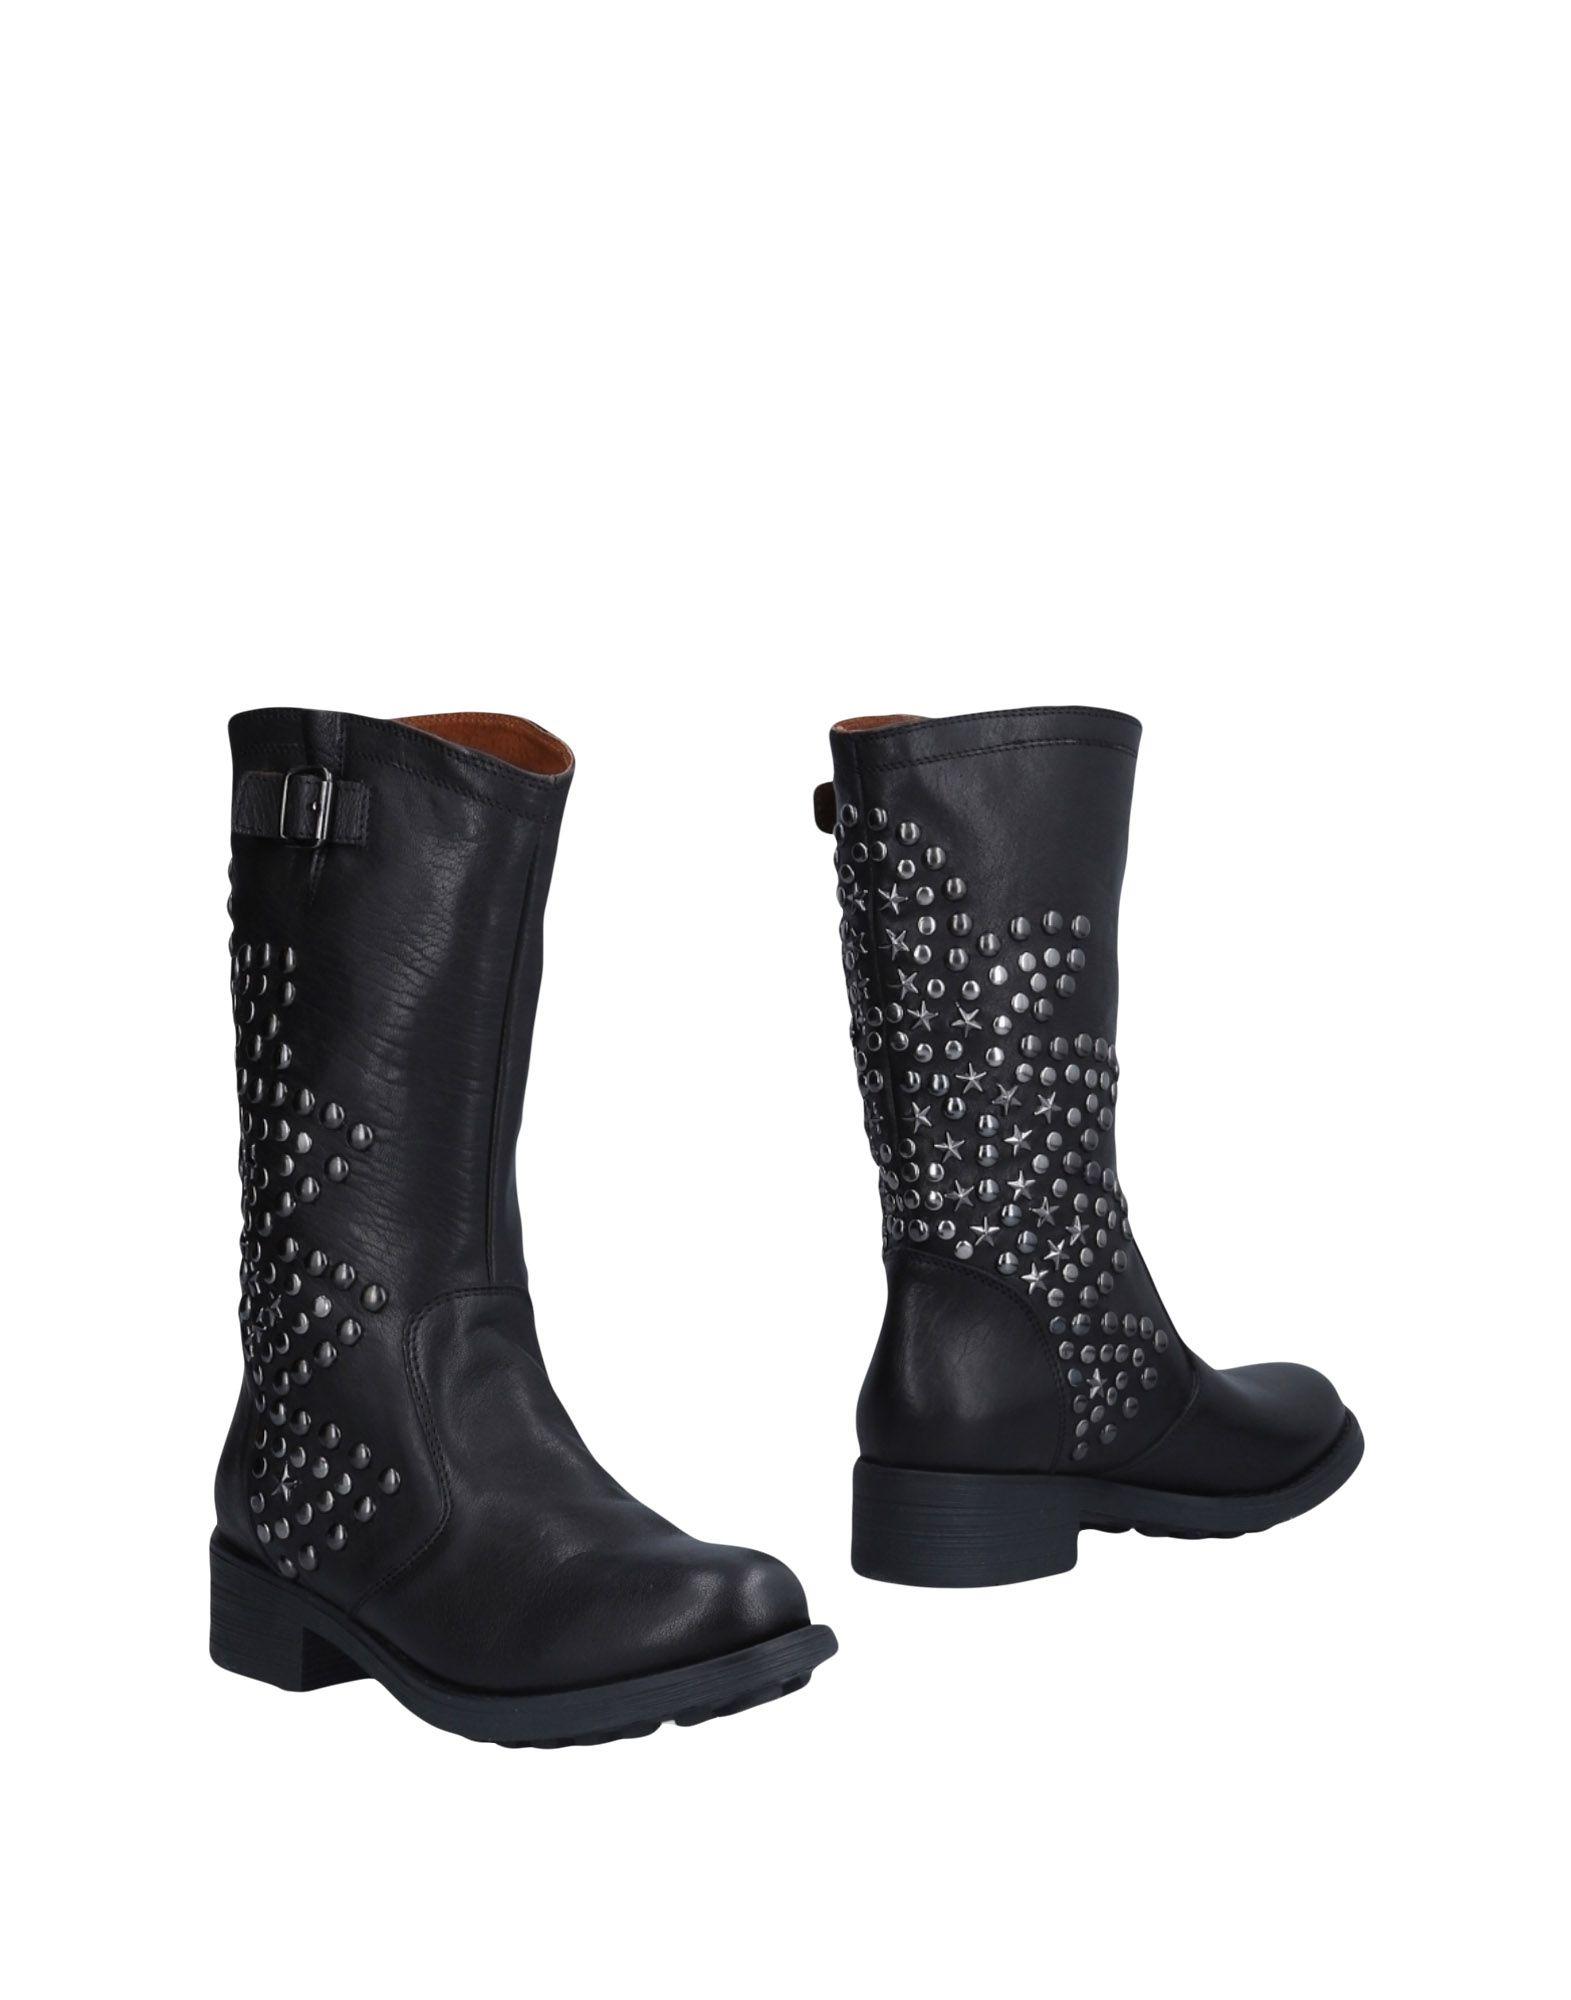 Manufacture D'essai D'essai Manufacture Stiefel Damen  11491682QV Neue Schuhe 3e11c5